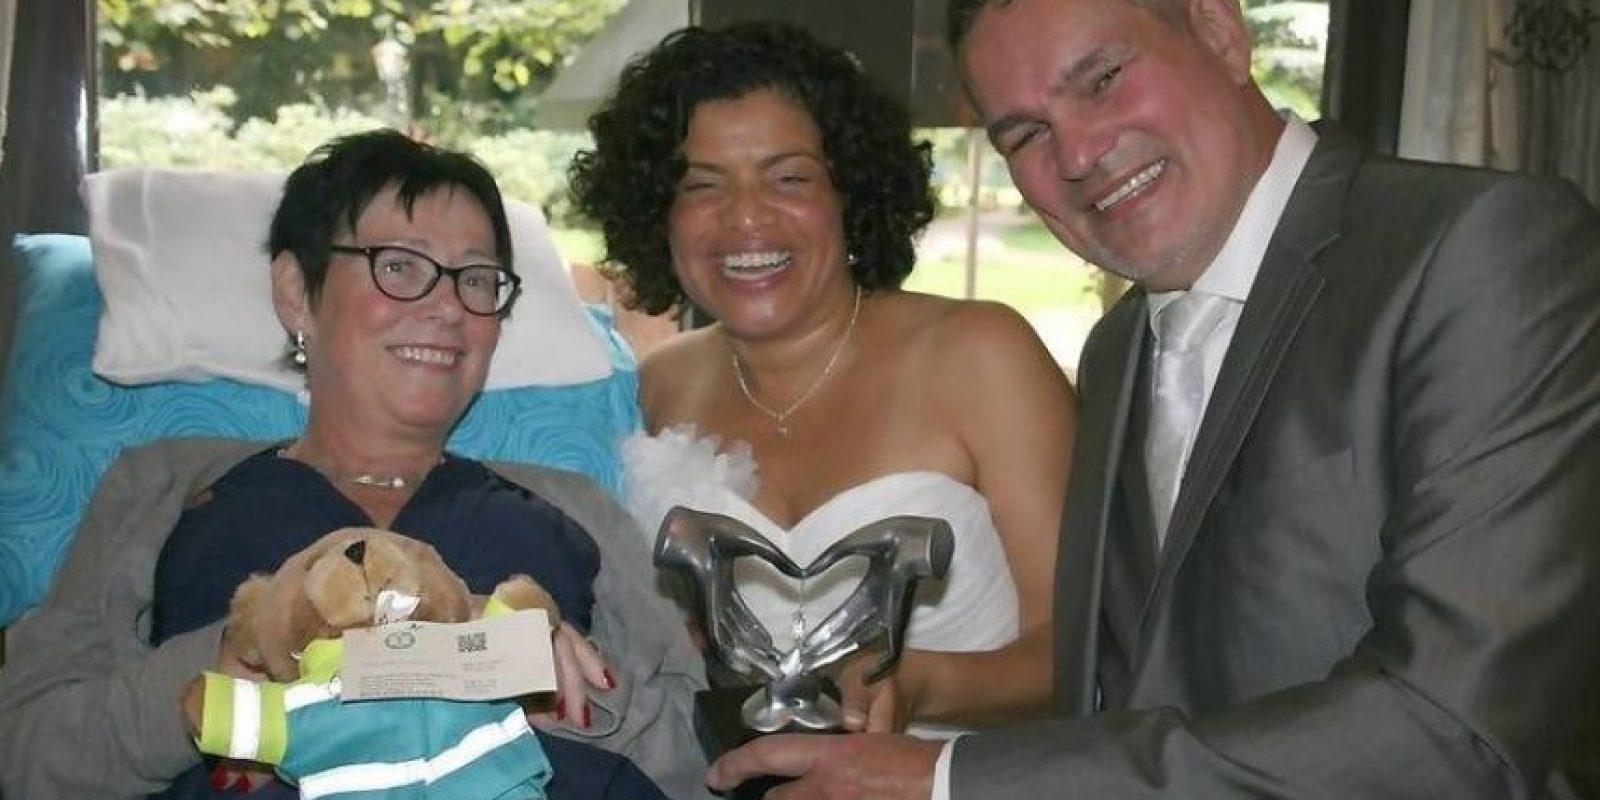 Acudir a la boda de su amiga. Foto:Vía Facebook.com/wensenrijders